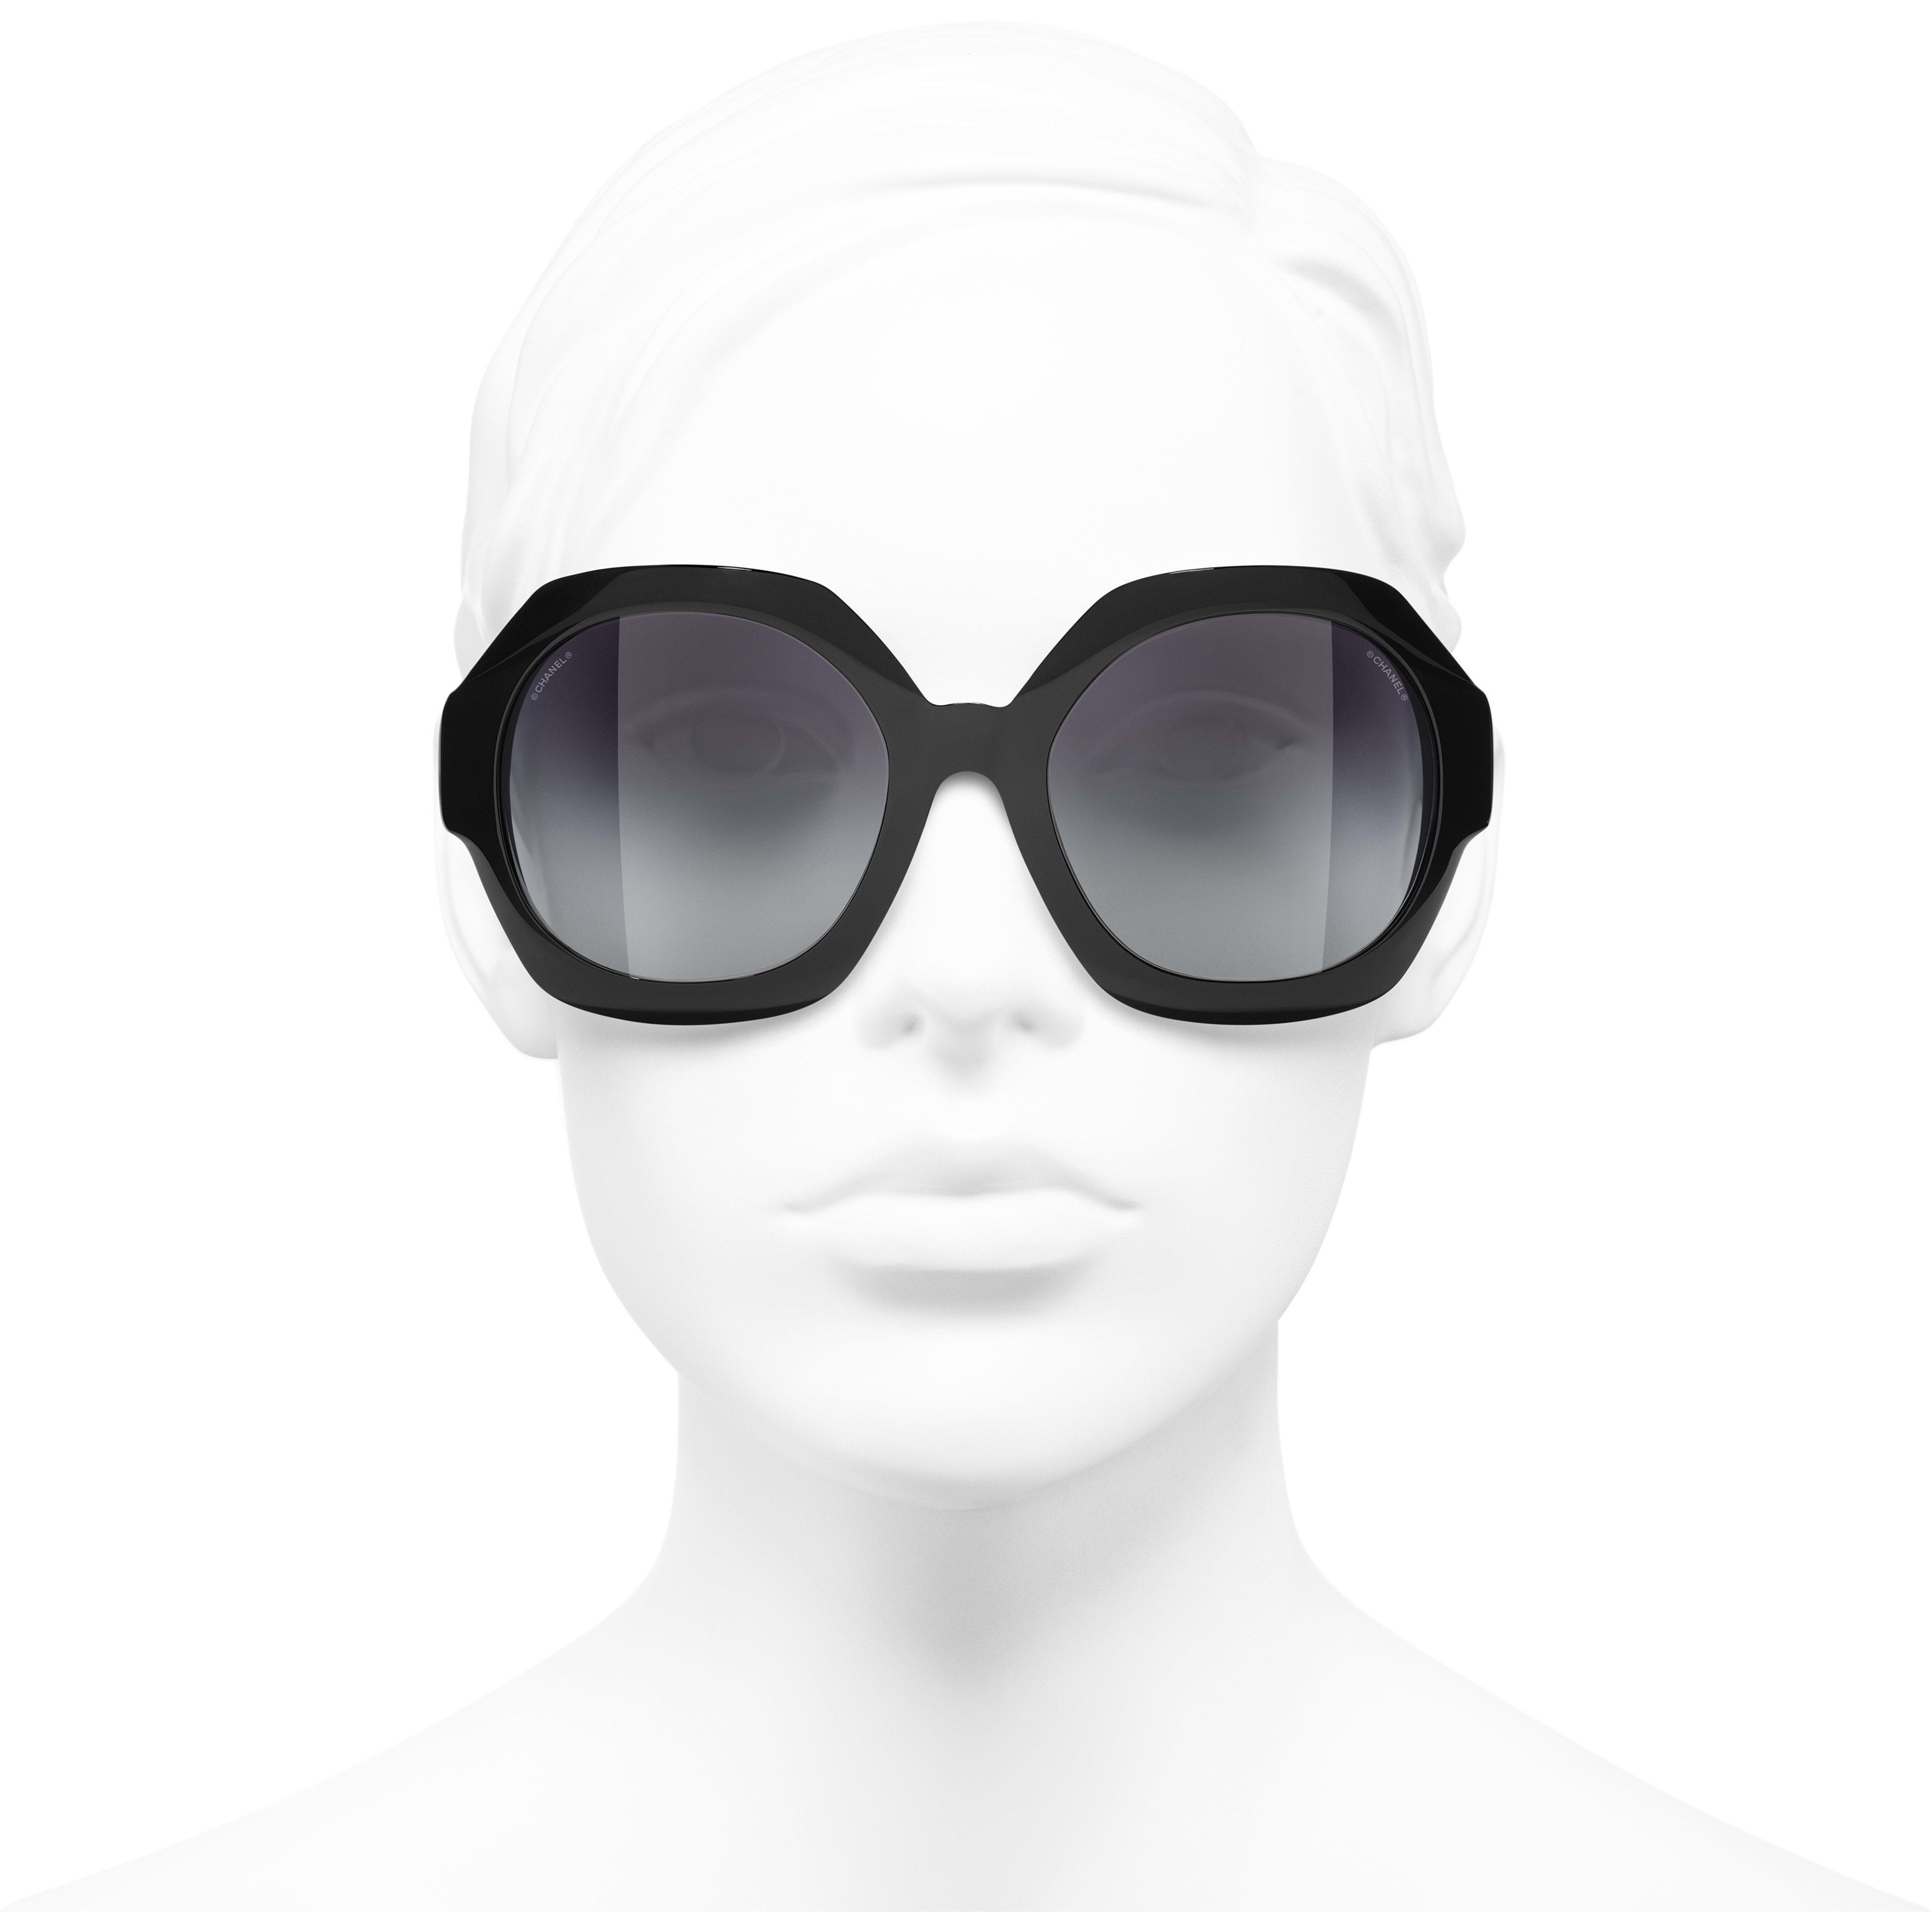 Lunettes rondes - Noir - Acétate - CHANEL - Vue de face portée - voir la version taille standard